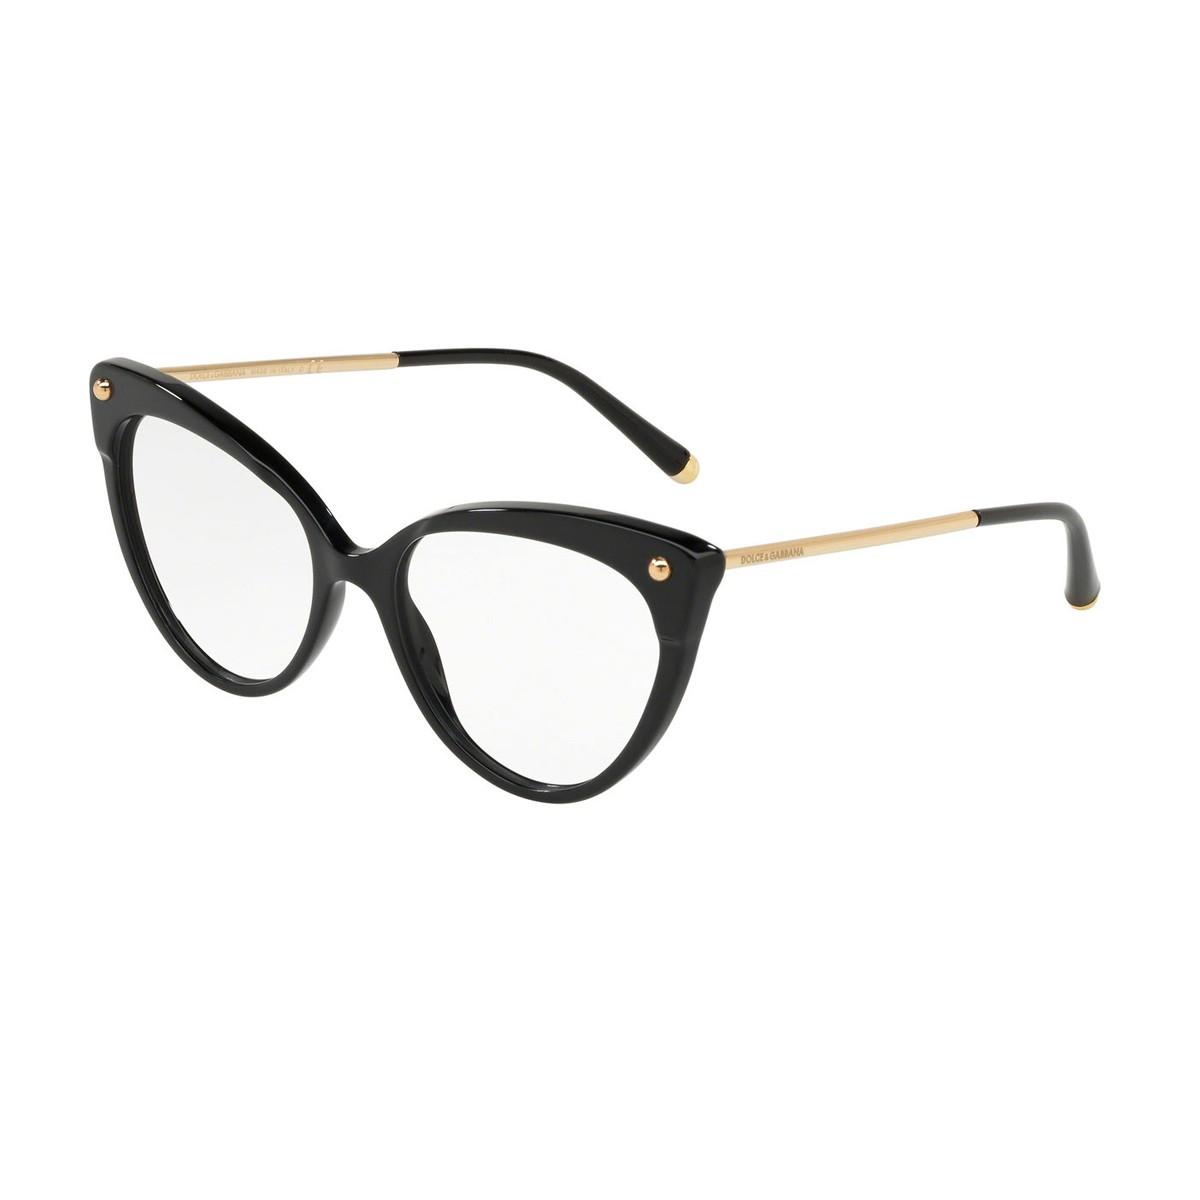 Dolce & Gabbana DG 3291 | Women's eyeglasses